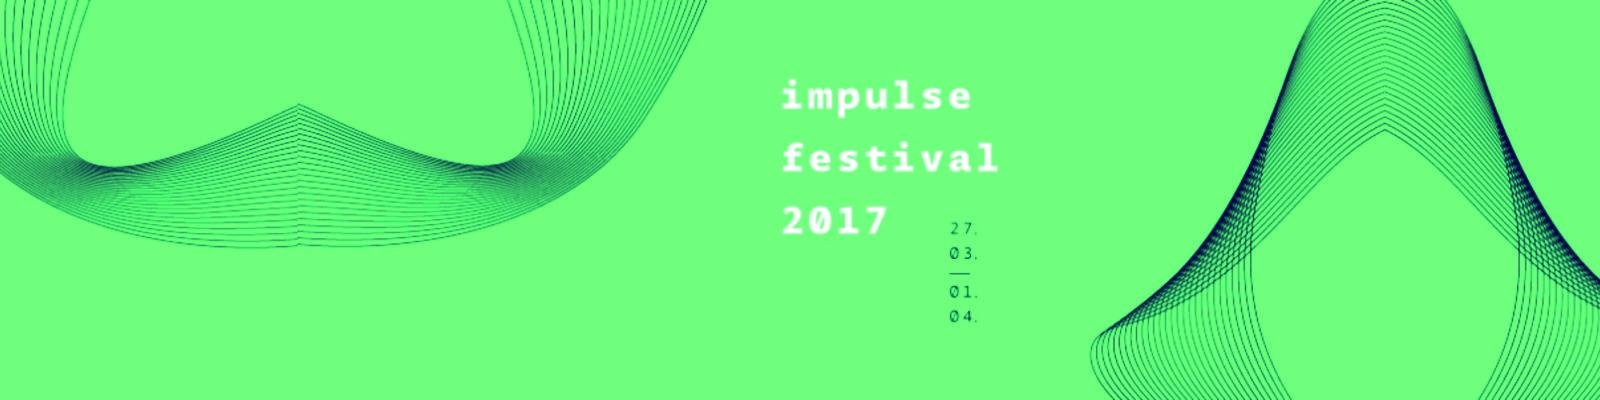 Impulse Festival Slider